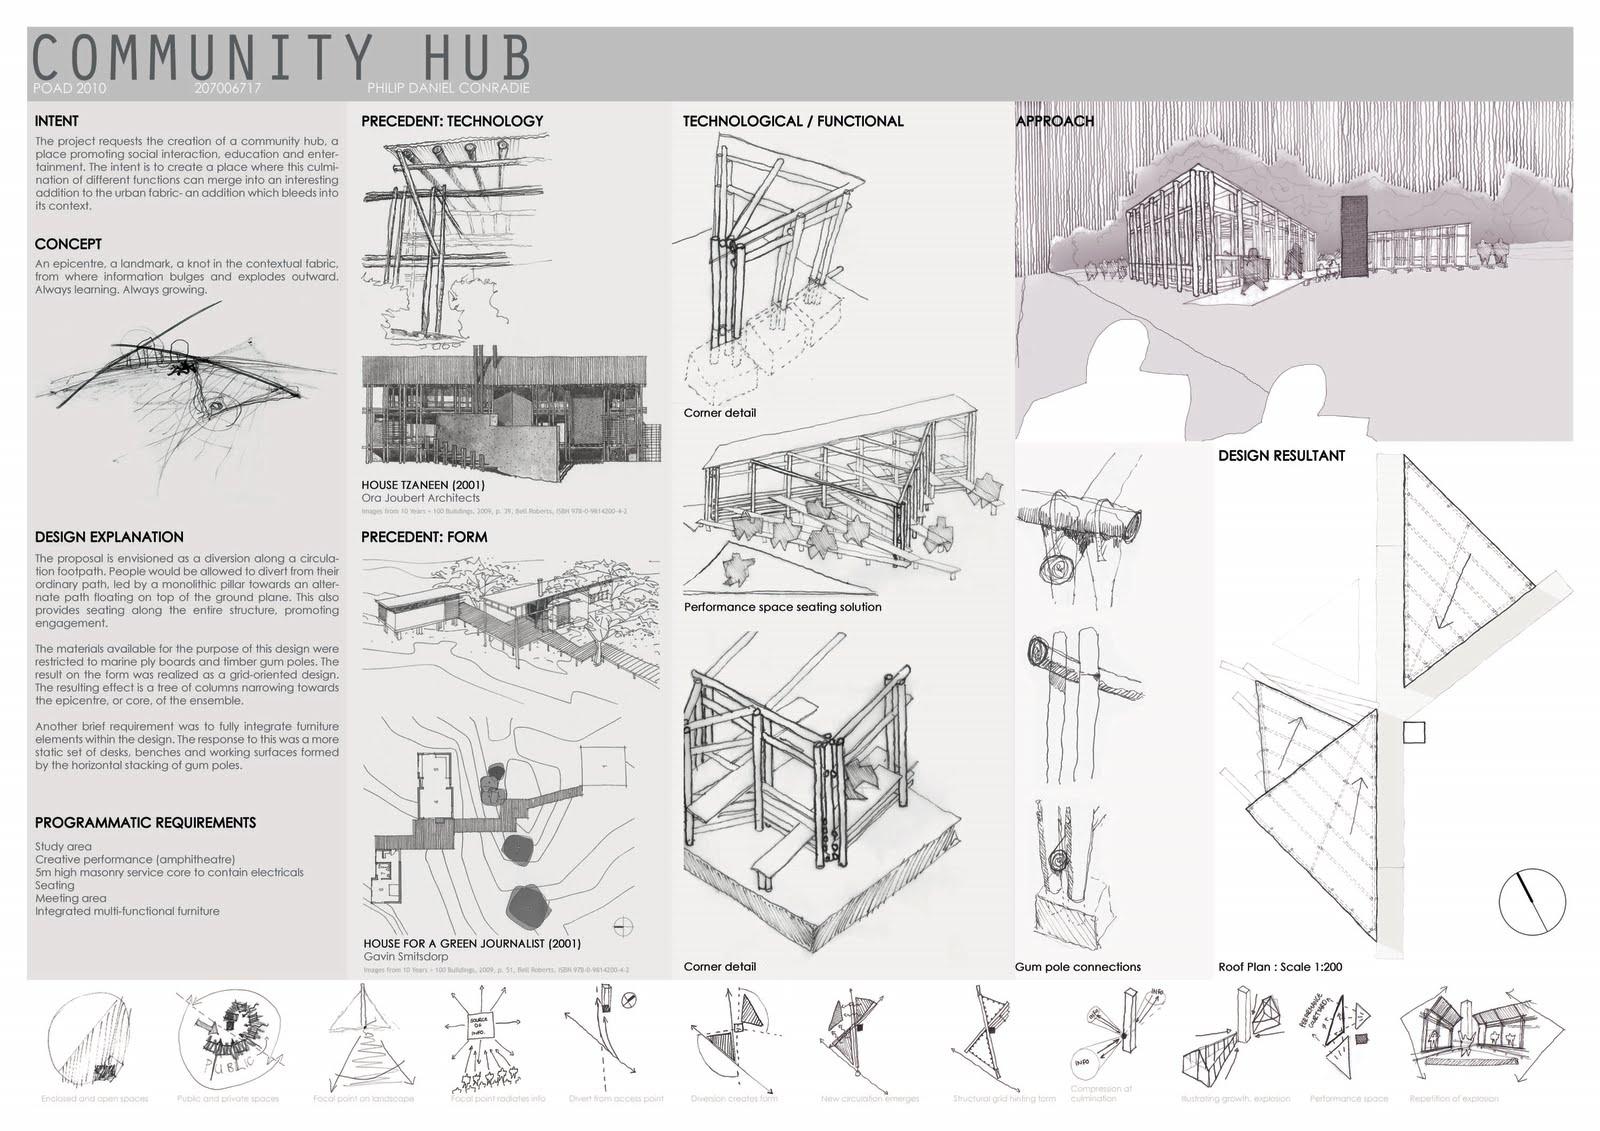 Naphtali Ncm Architects Stwv Community Hub Precedent Study